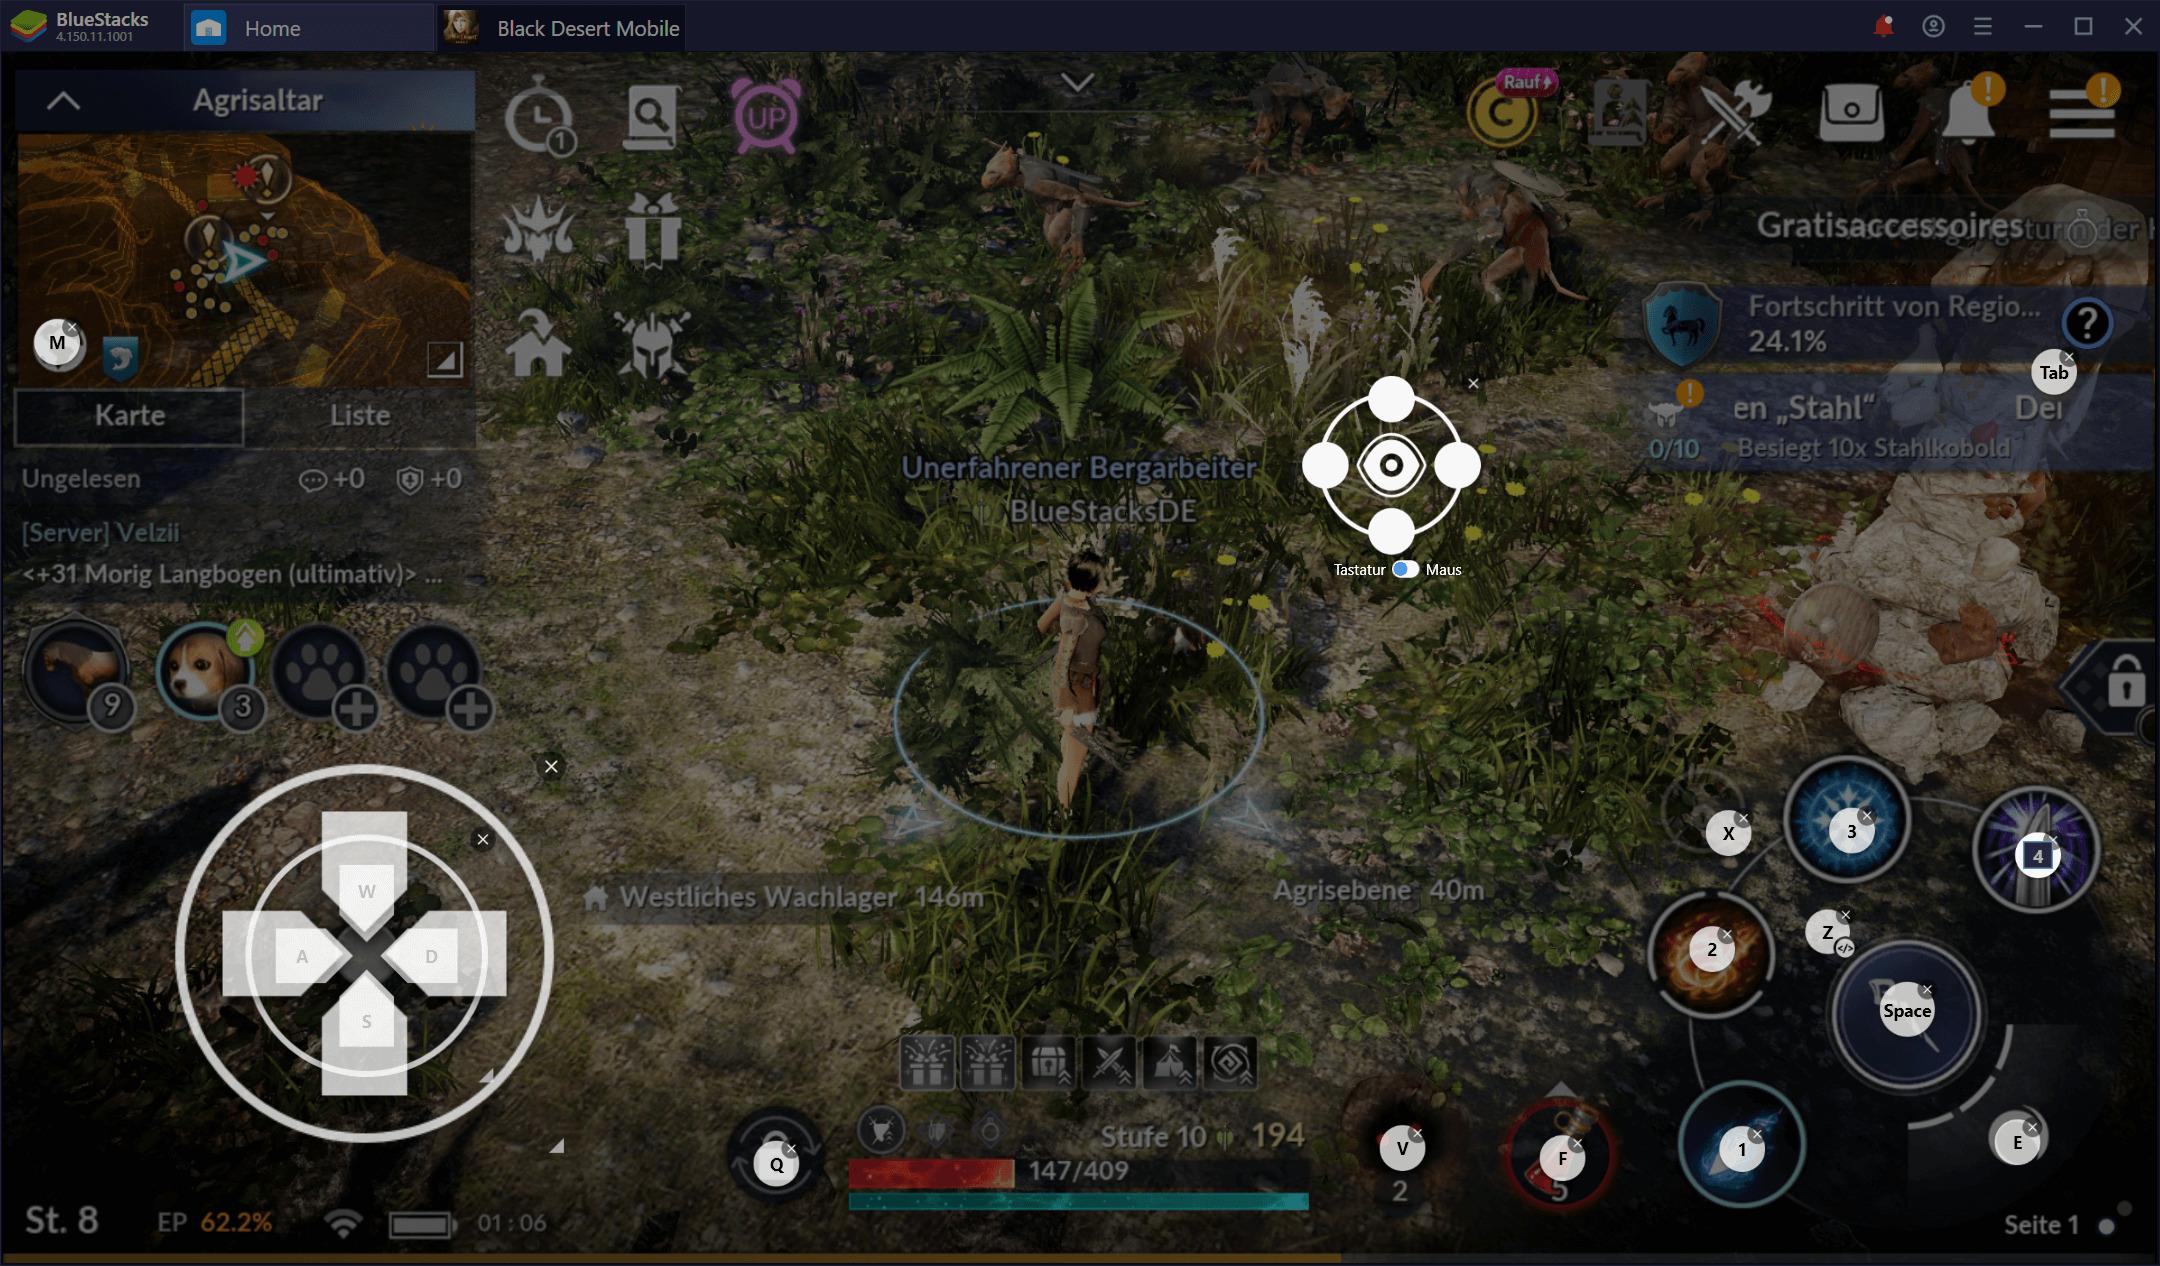 BlueStacks Guide für Black Desert Mobile – Wie du das volle Potenzial dieses MMORPGs nutzt